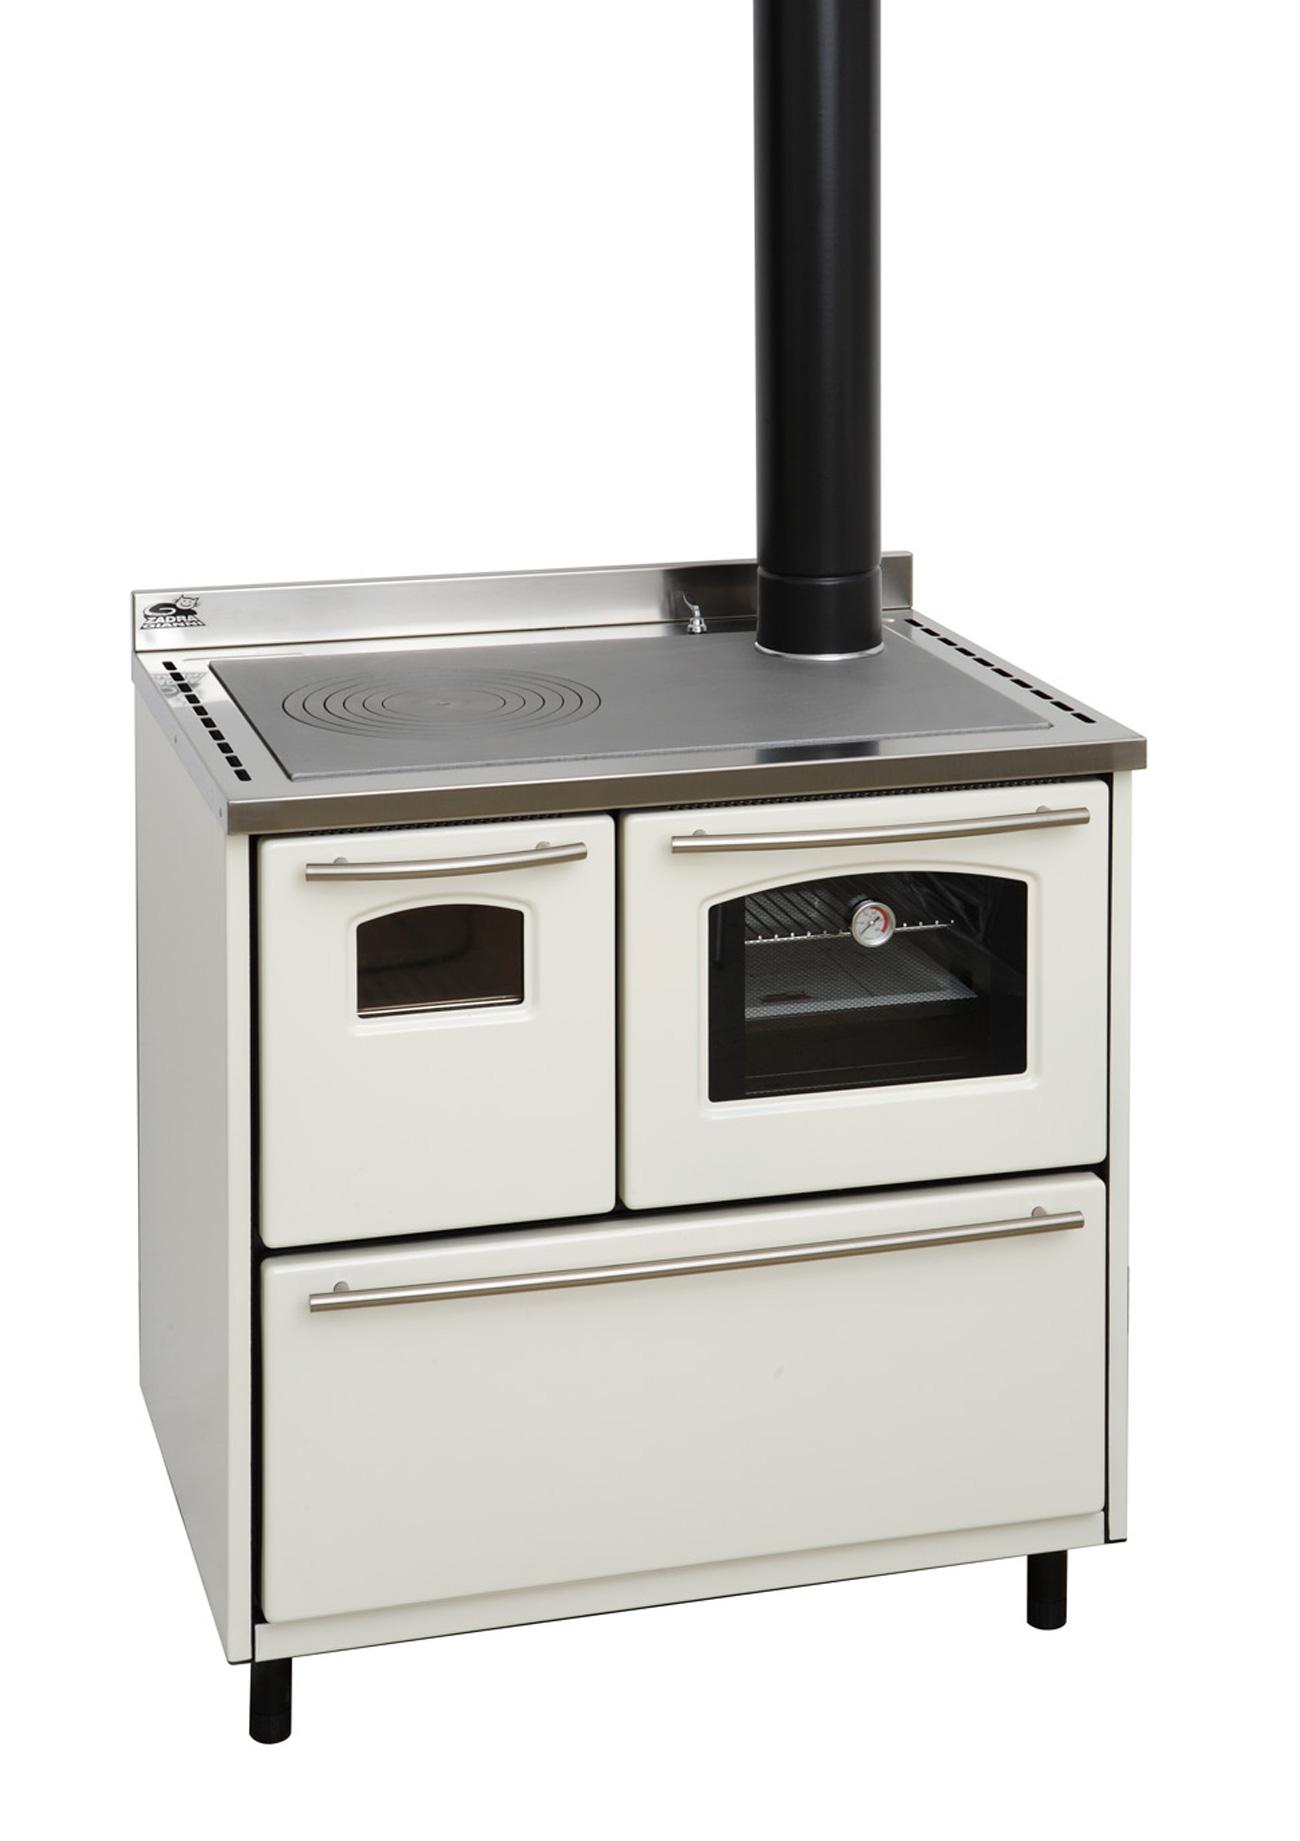 Cucina da appoggio 80 x 60 – Cucine, Stufe a Legna e termocucine